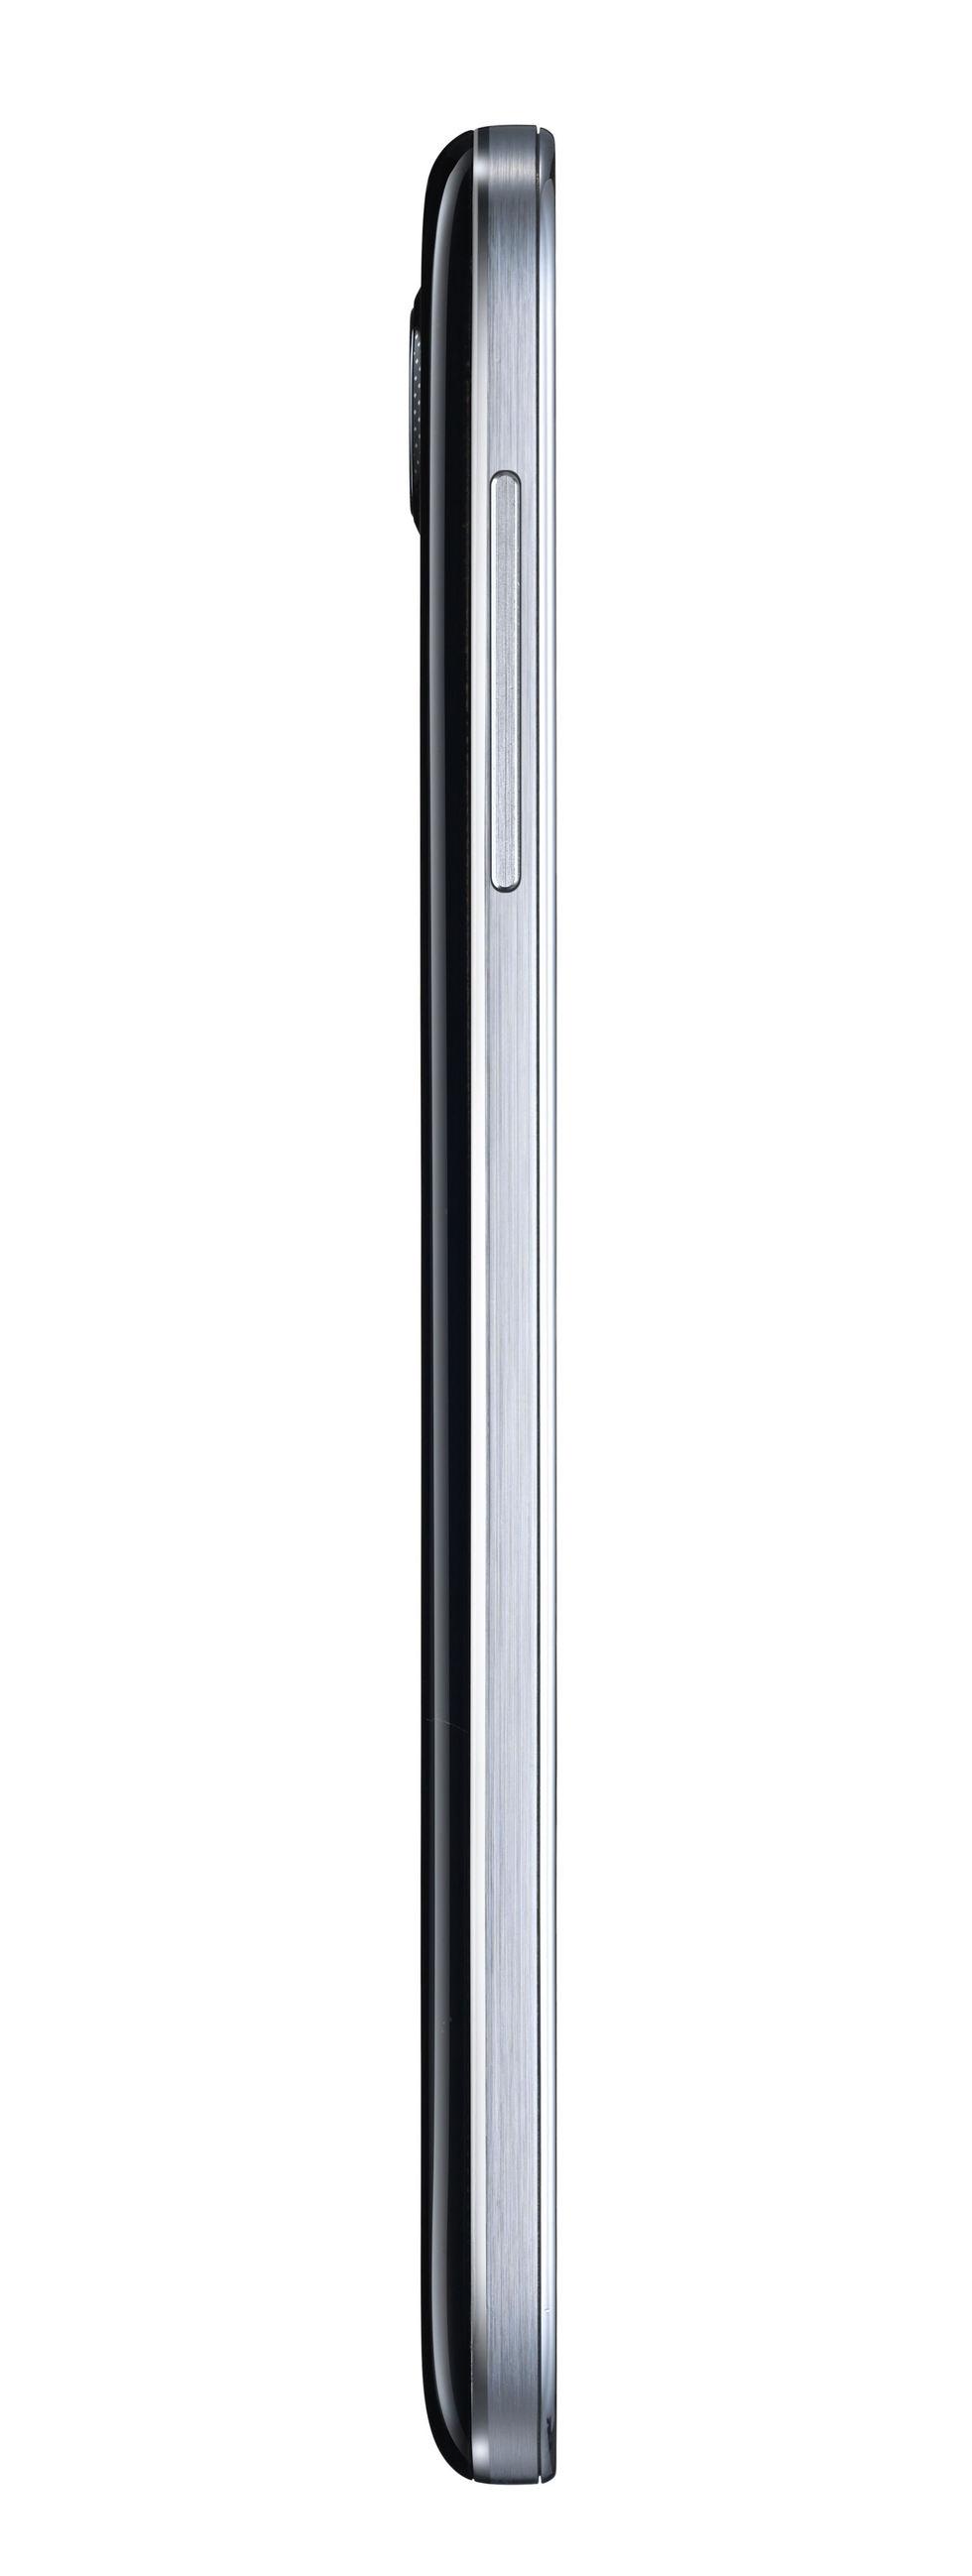 Lateral izquierdo del Samsung Galaxy S4 Negro